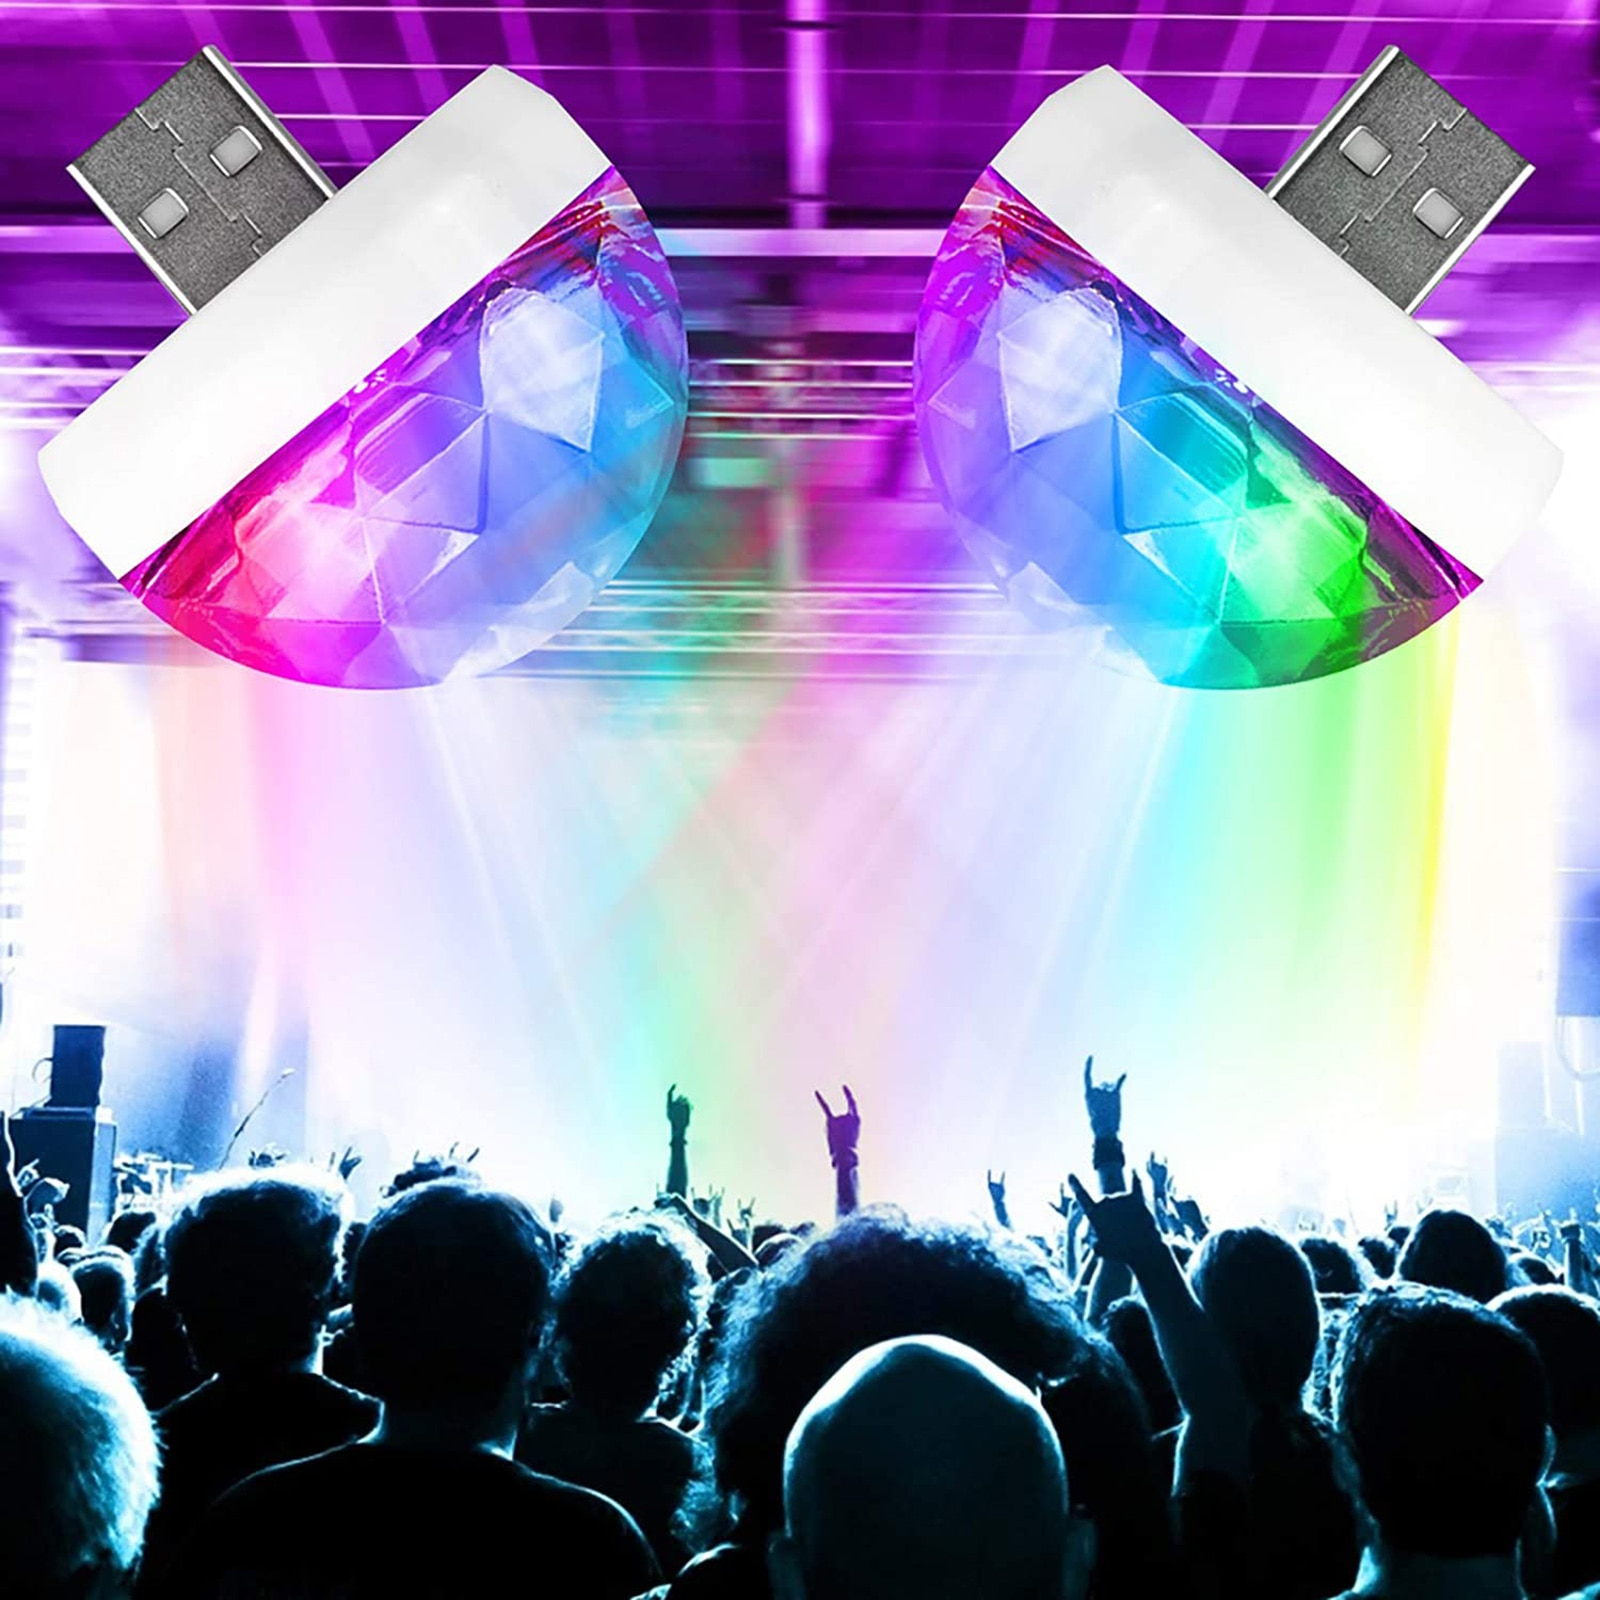 Мини USB Дискотека Свет Звук Активированный Светодиод магия Дискотека Шар Лампы Автомобиль Атмосфера Строб Сцена Свет для Дома Комнаты Вечеринки Дня рождения